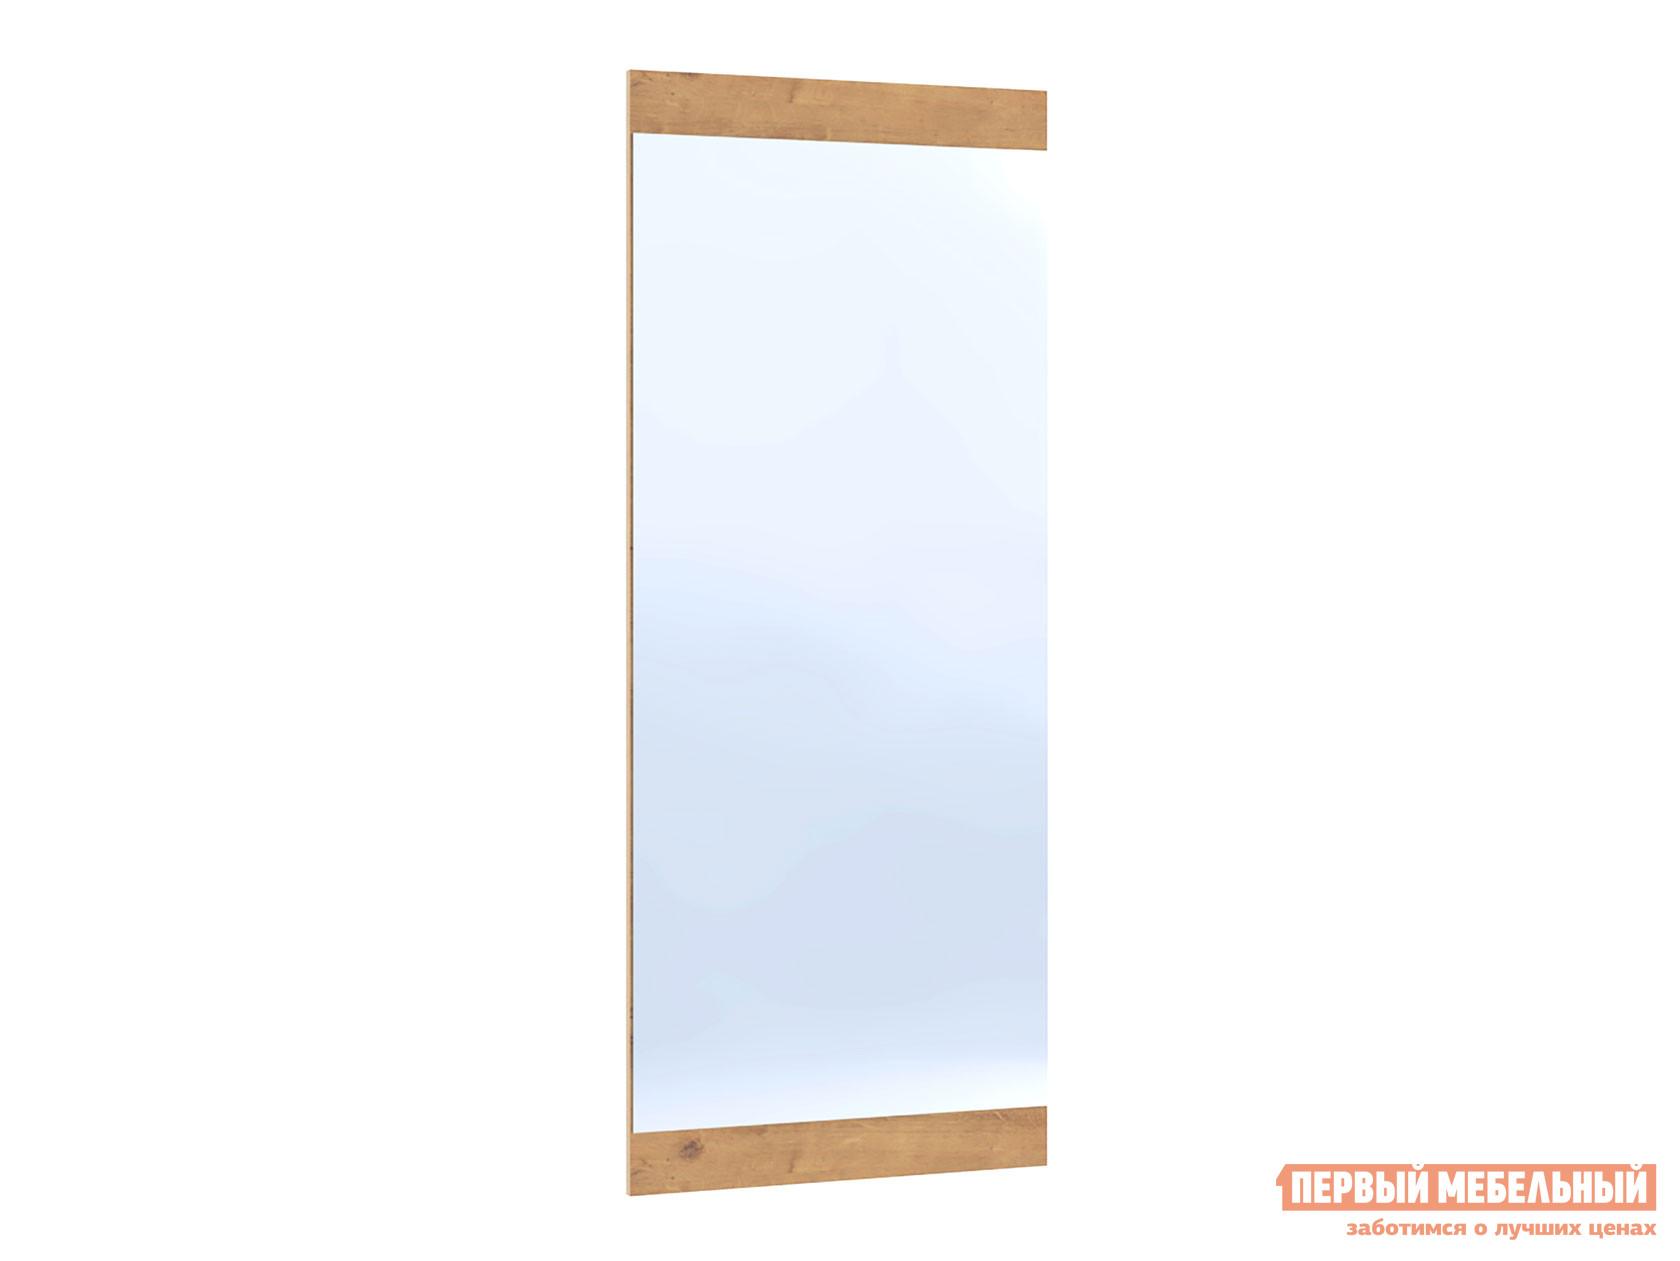 Настенное зеркало Первый Мебельный Зеркало высокое Вирджиния 011.90 / Зеркало Вирджиния 011.91